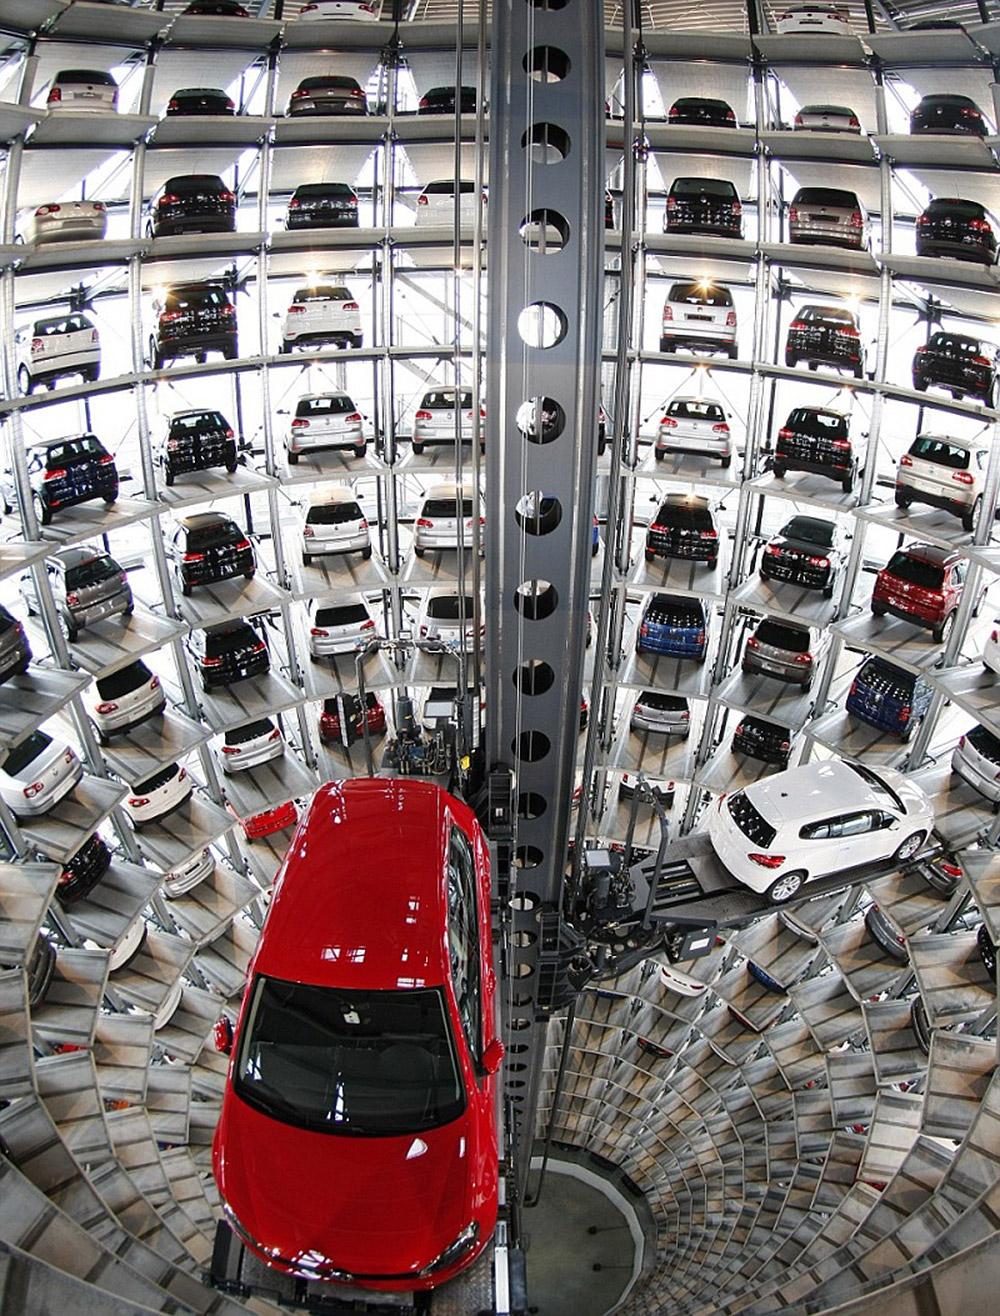 მაღალტექნოლოგიური პარკინგი Volkswagen-ის ქარხანაში, ვოლფსბურგში